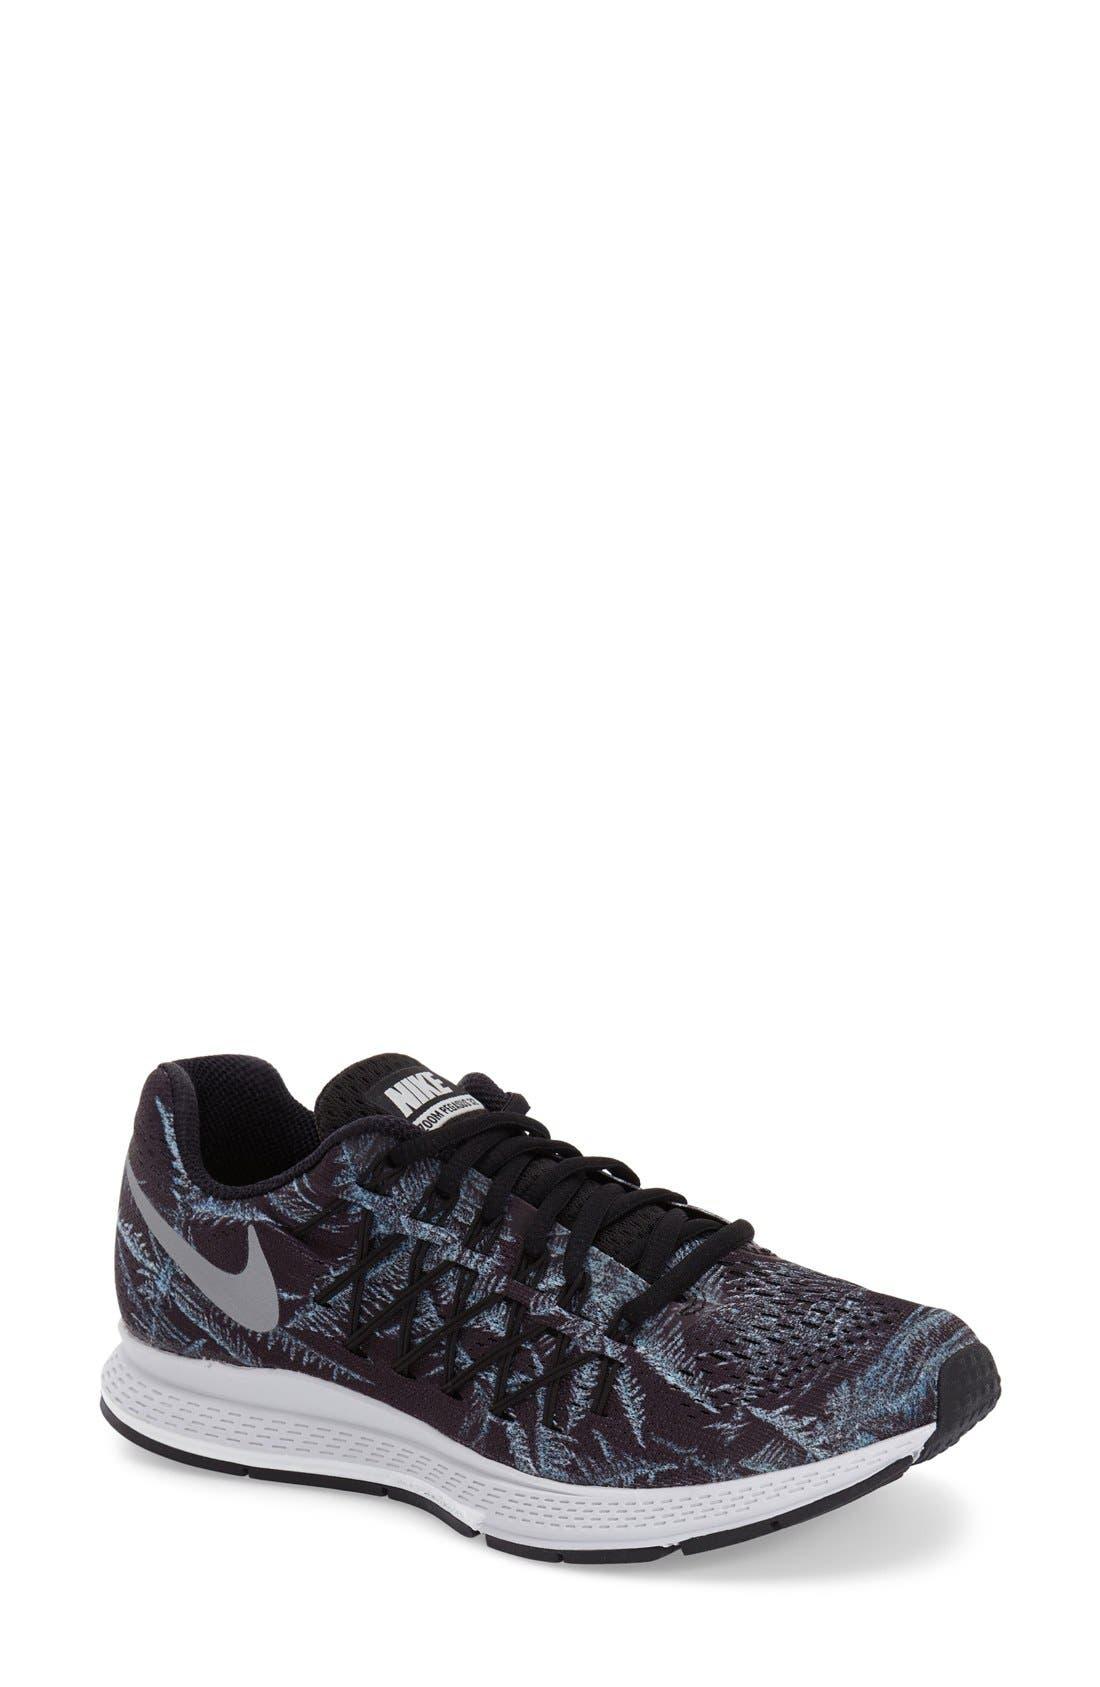 Alternate Image 1 Selected - Nike 'Air Zoom Pegasus 32 Solstice' Running Shoe (Women)